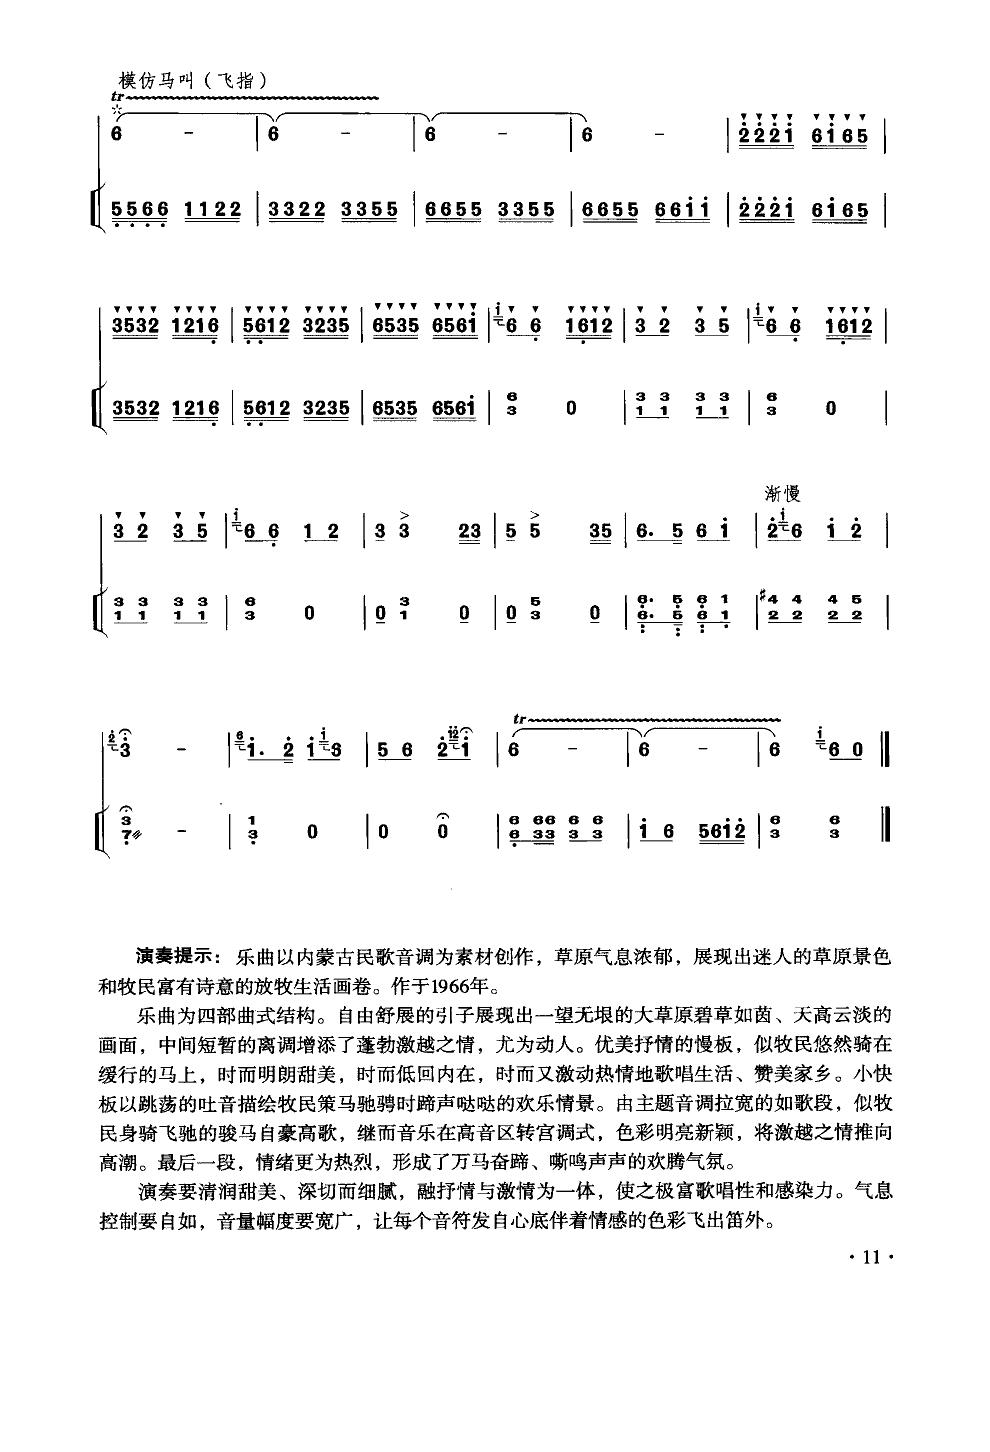 牧民新歌(笛子独奏扬琴伴奏) 提示:按f11切换浏览器全屏模式.